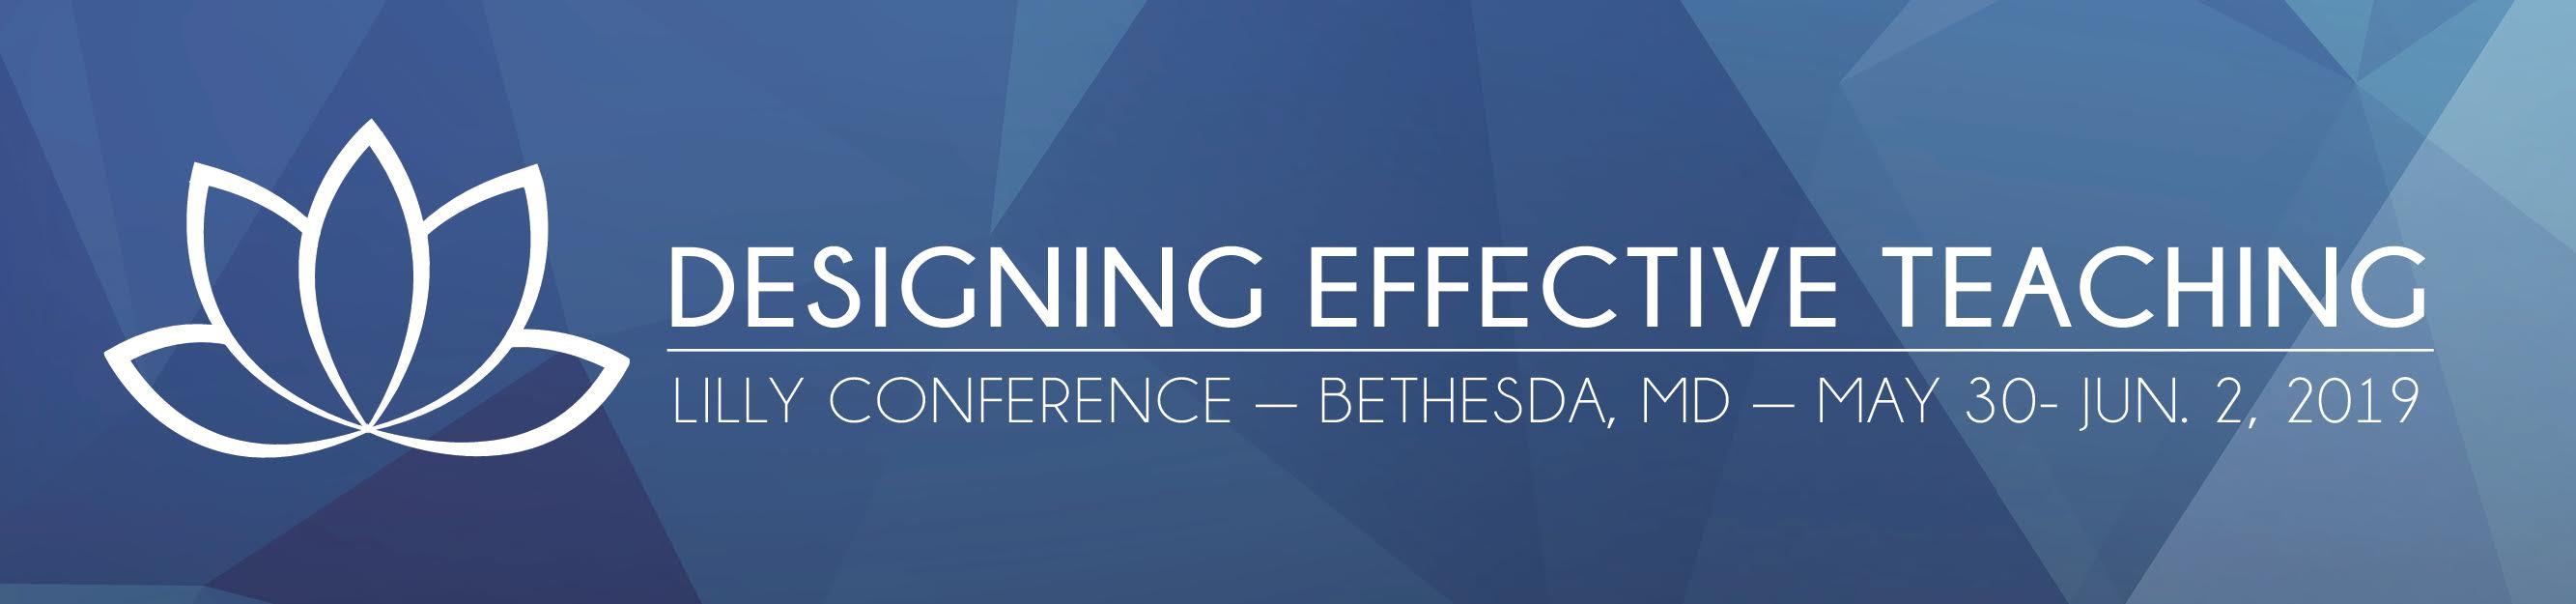 Designing Effective Teaching - Bethesda 2020